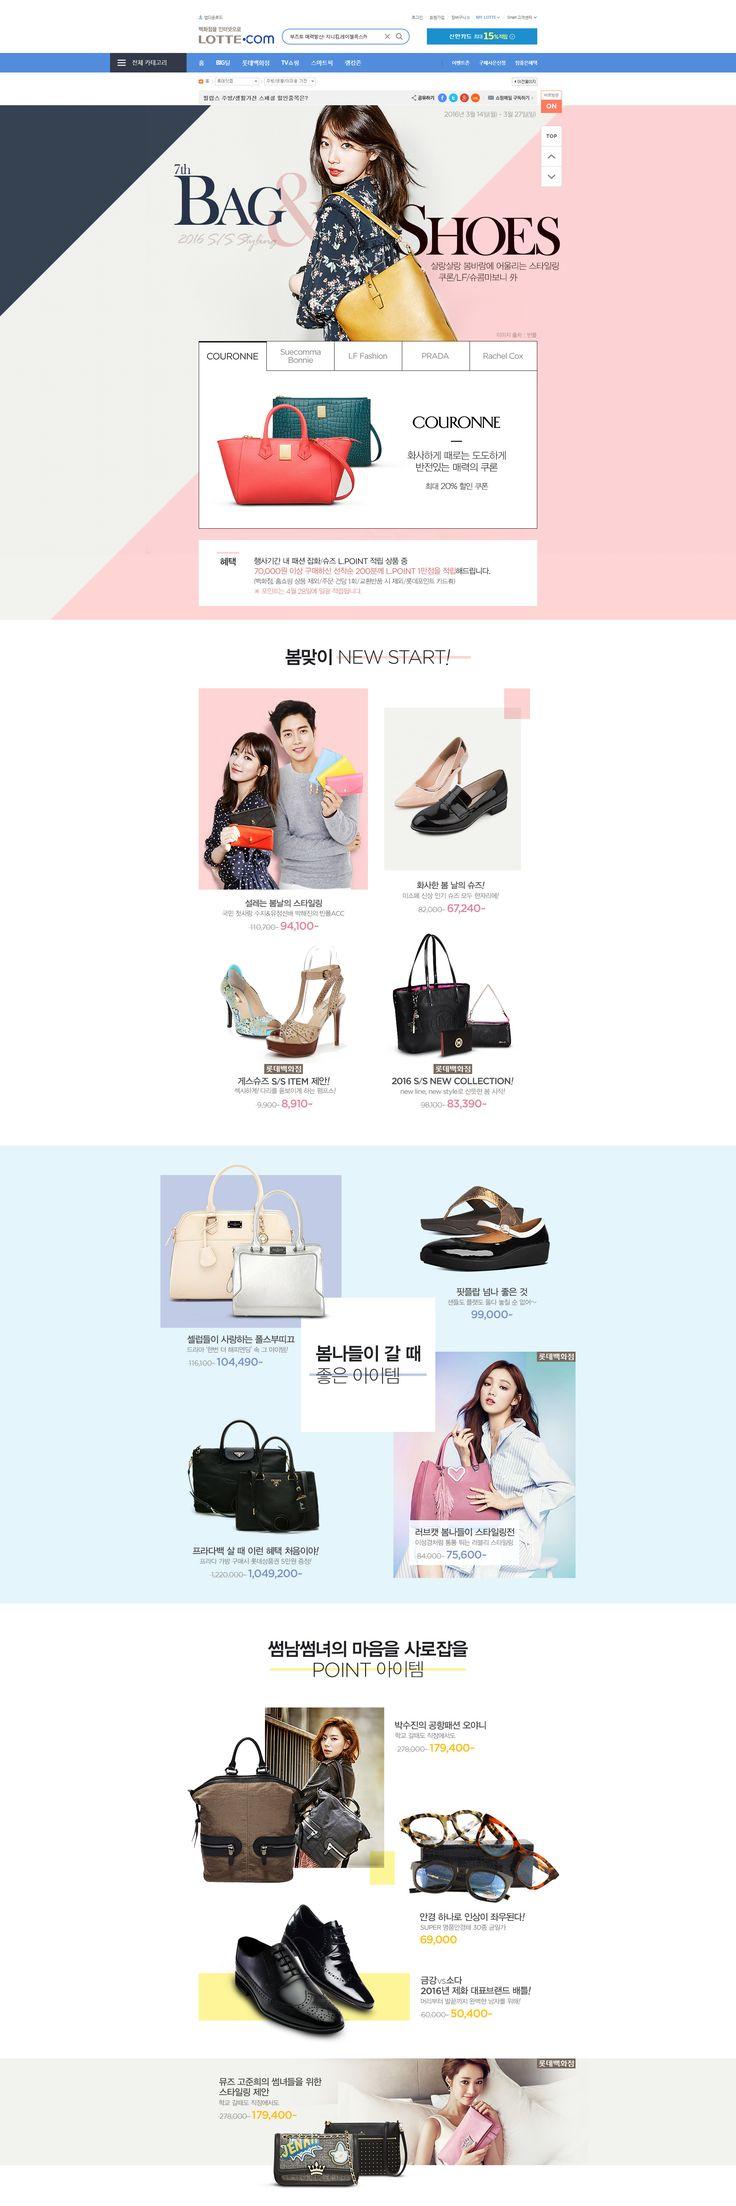 [롯데닷컴] 14th Bag & Shoes  Designed by 박아름